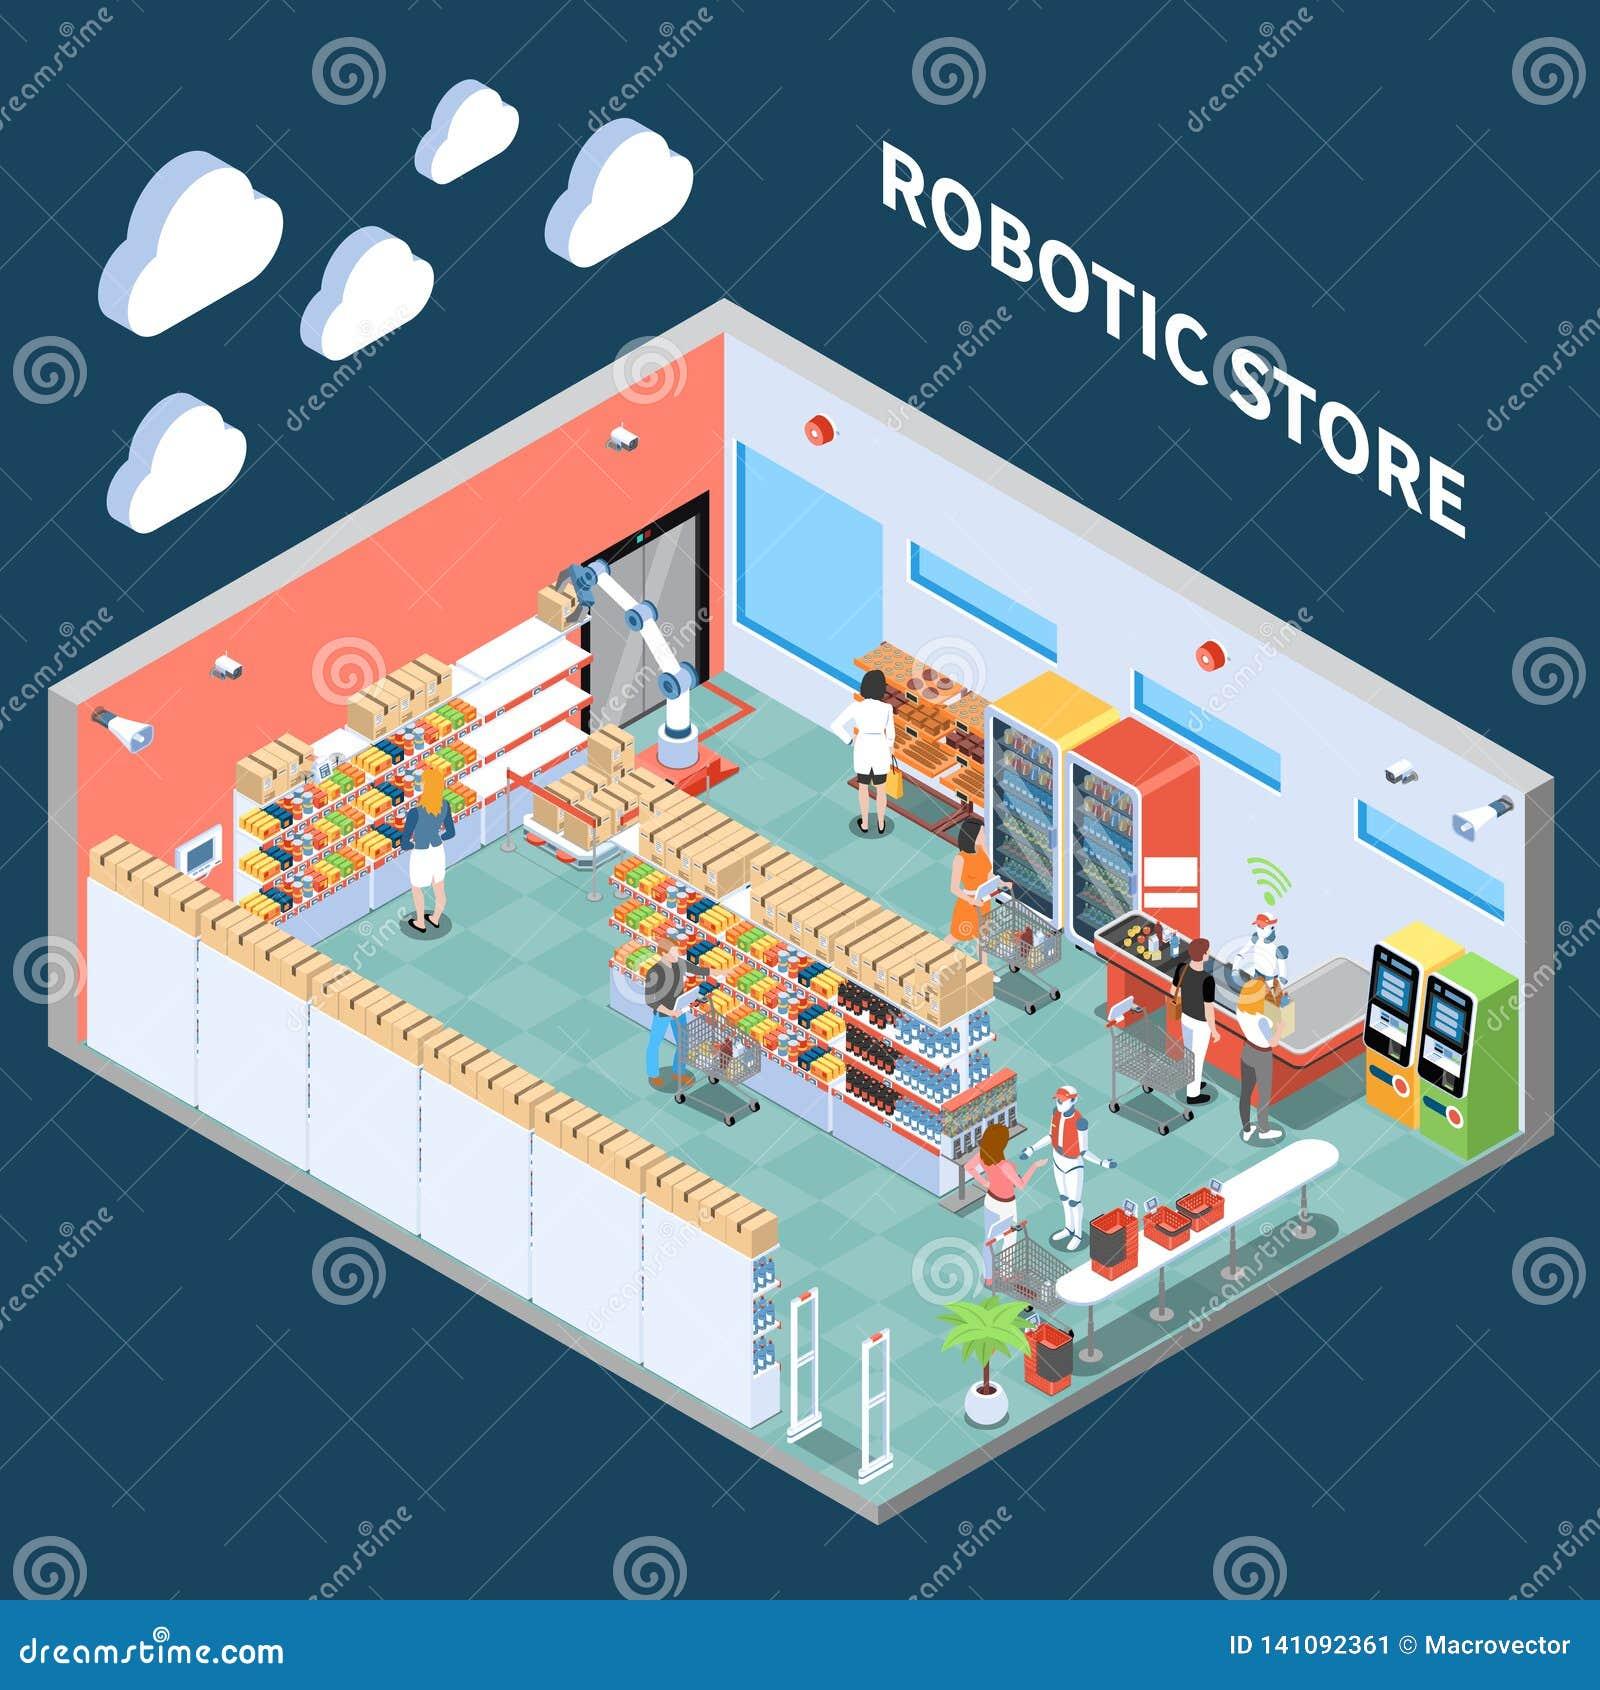 Composición isométrica de la tienda robótica